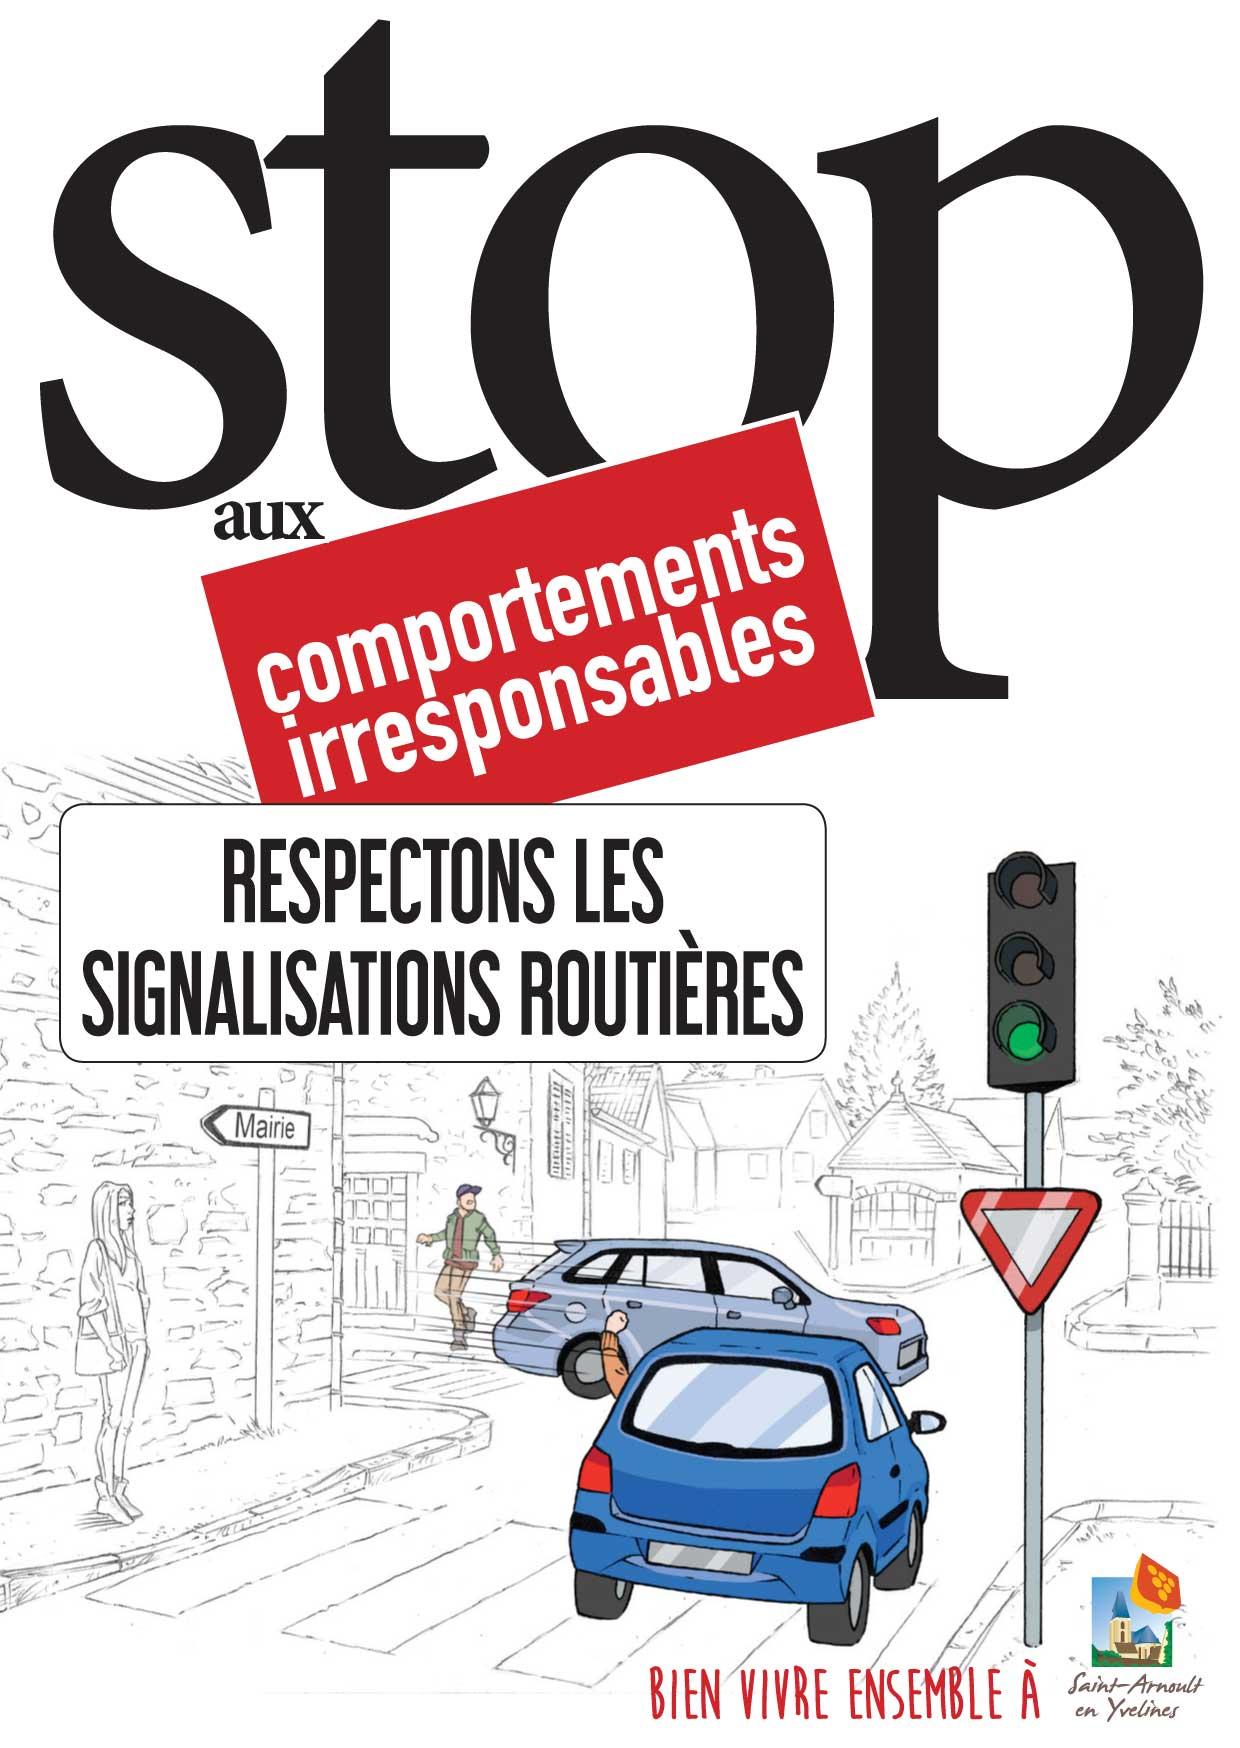 Stop-aux-comportements-irresponsables-1.jpg